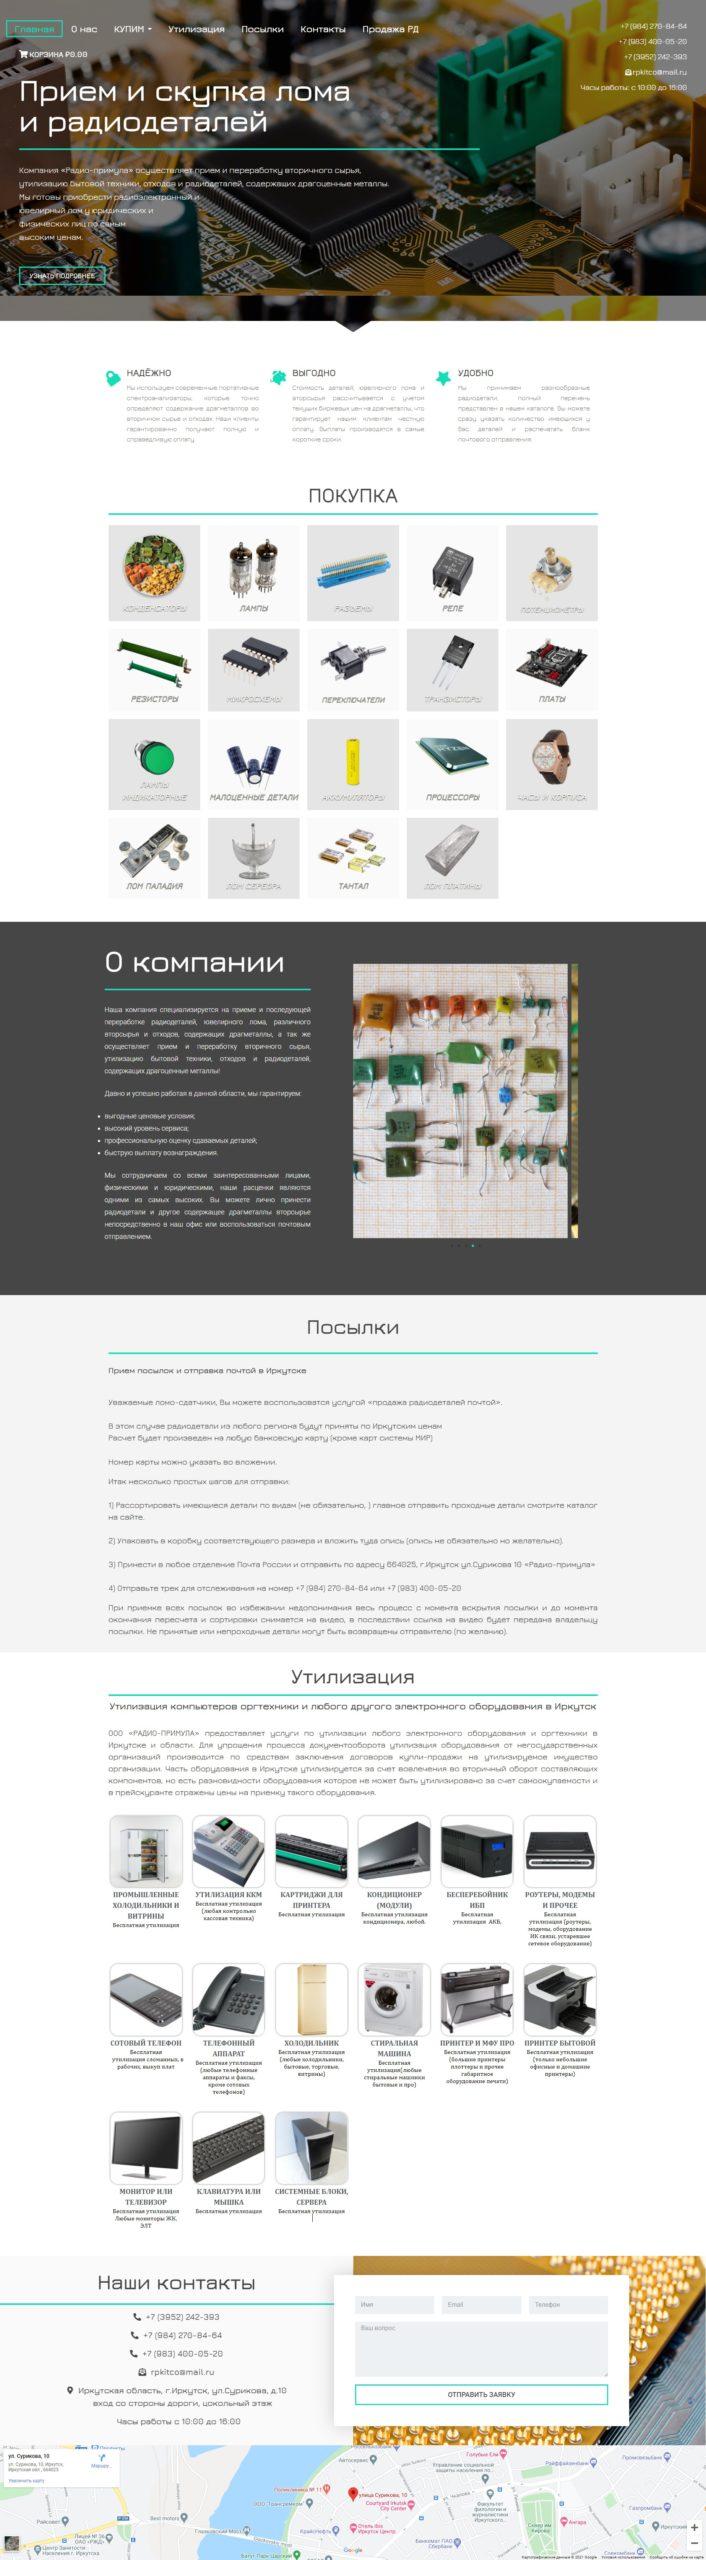 Готовый сайт скупка радиодеталей - Радио-Примула - radioprimula.ru